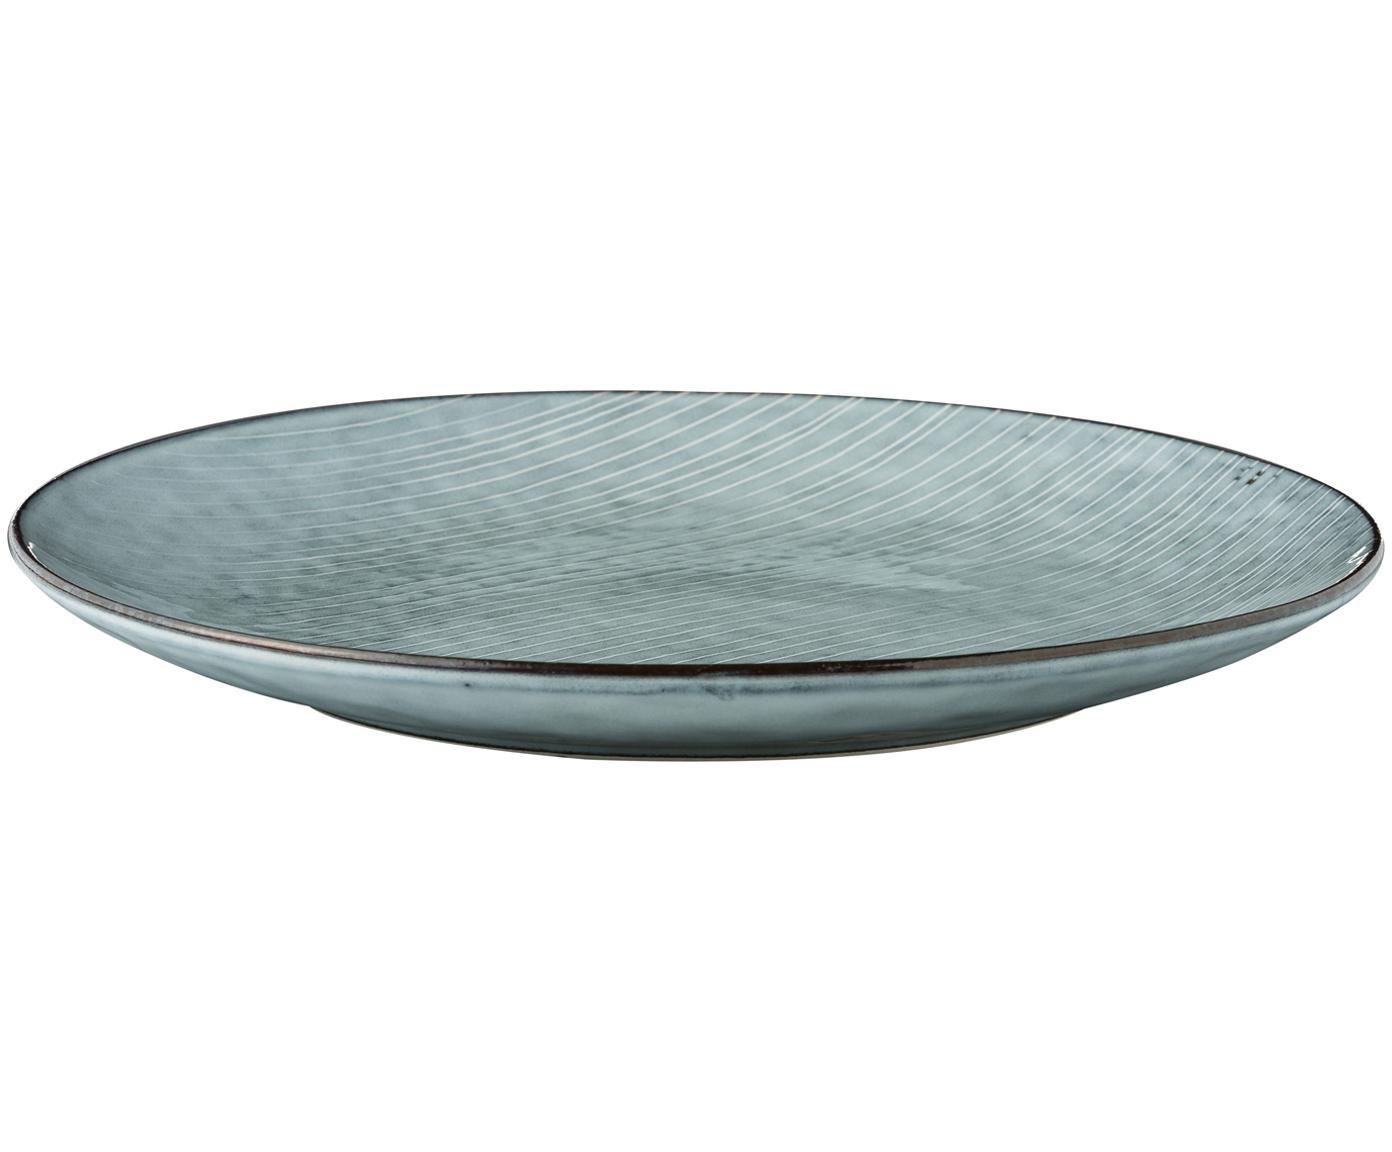 Sottopiatto fatto a mano Nordic Sea 4 pz, Gres, Tonalità grigie e blu, Ø 31 cm